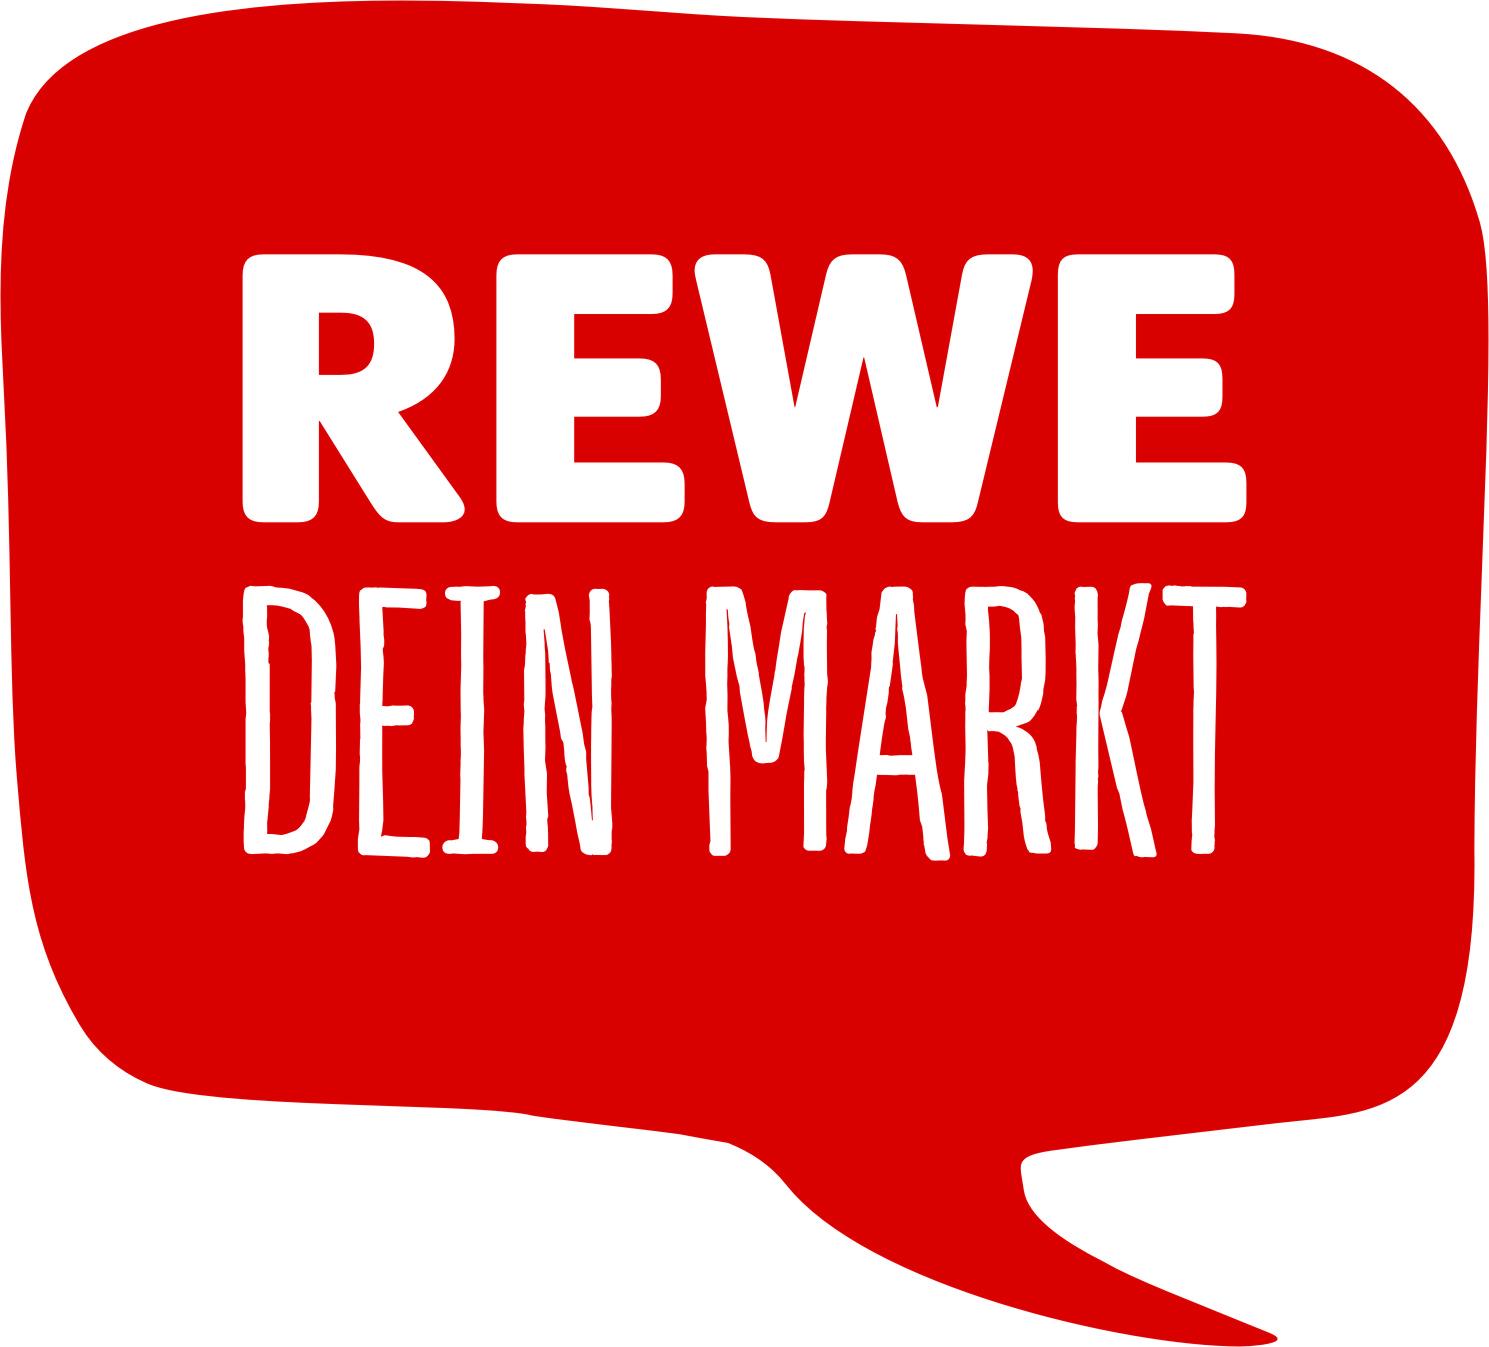 Rewe - Dein Markt